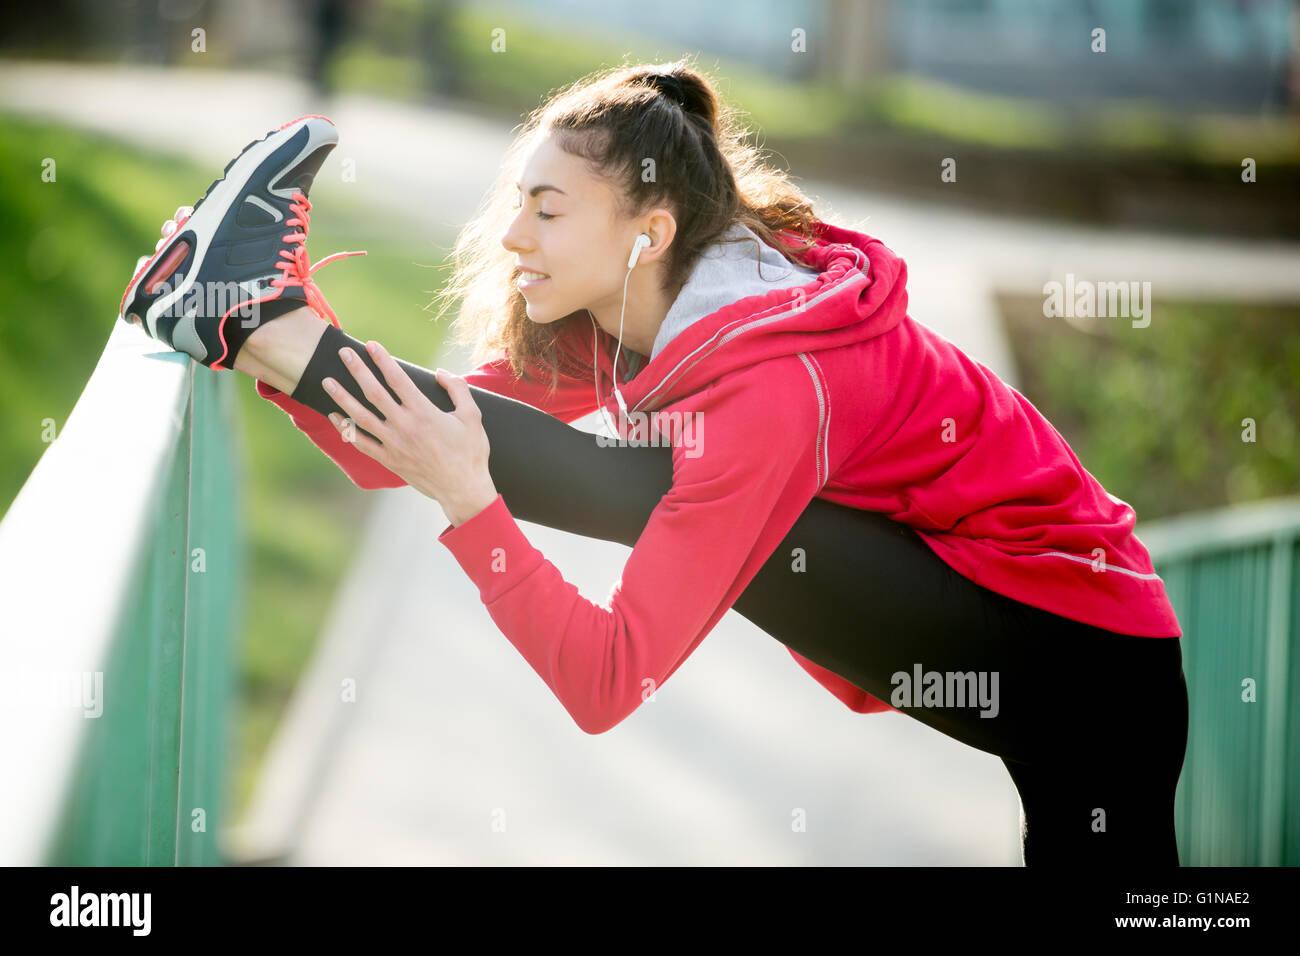 Ritratto di Profilo di donna sportivo facendo tratto posteriori della coscia nel parco dopo il jogging. Atleta femminile Immagini Stock